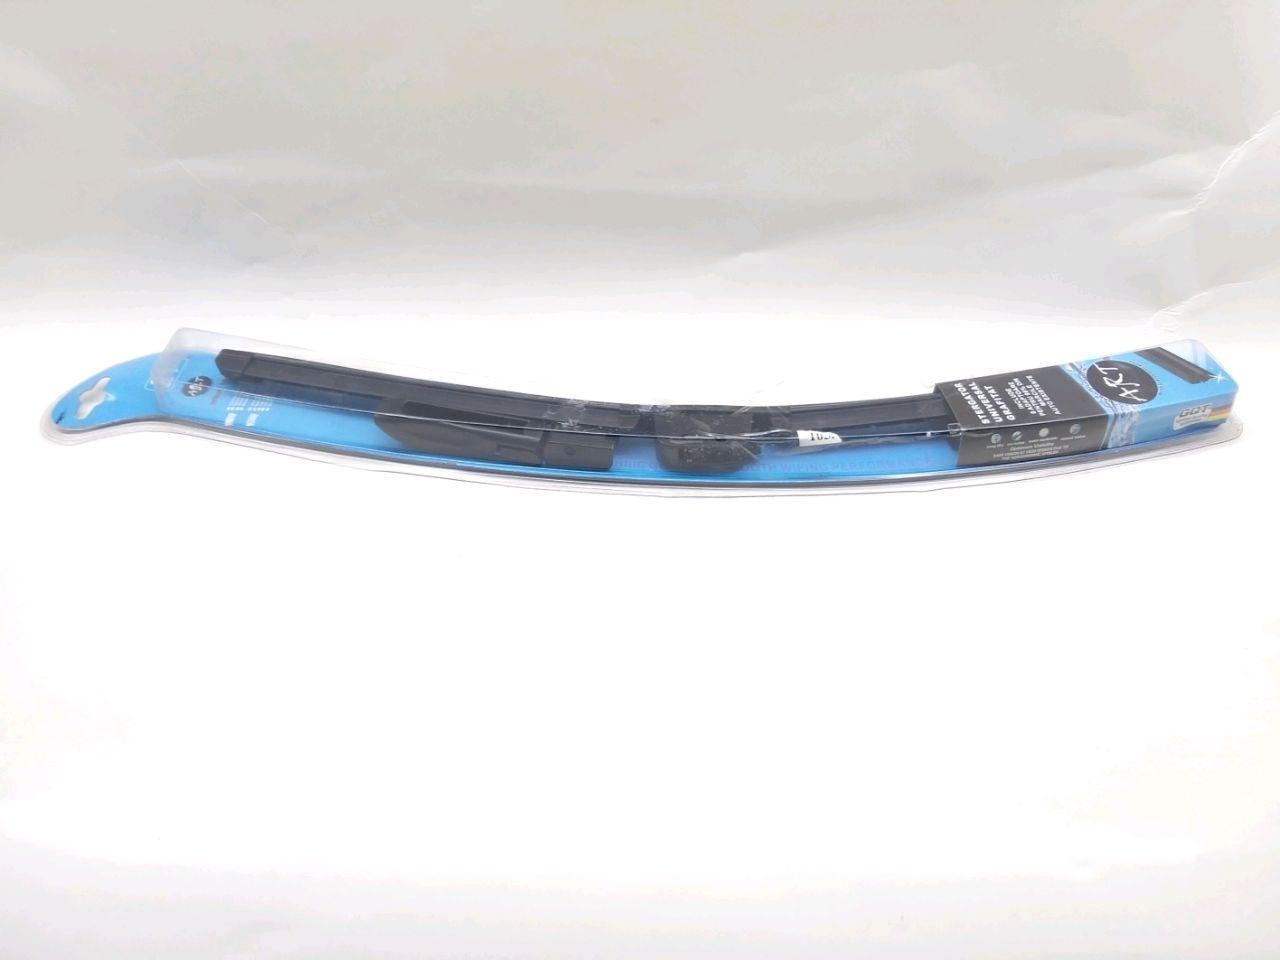 Perie ştergătoare p/parbriz 8 adapt. 21 530мм ART